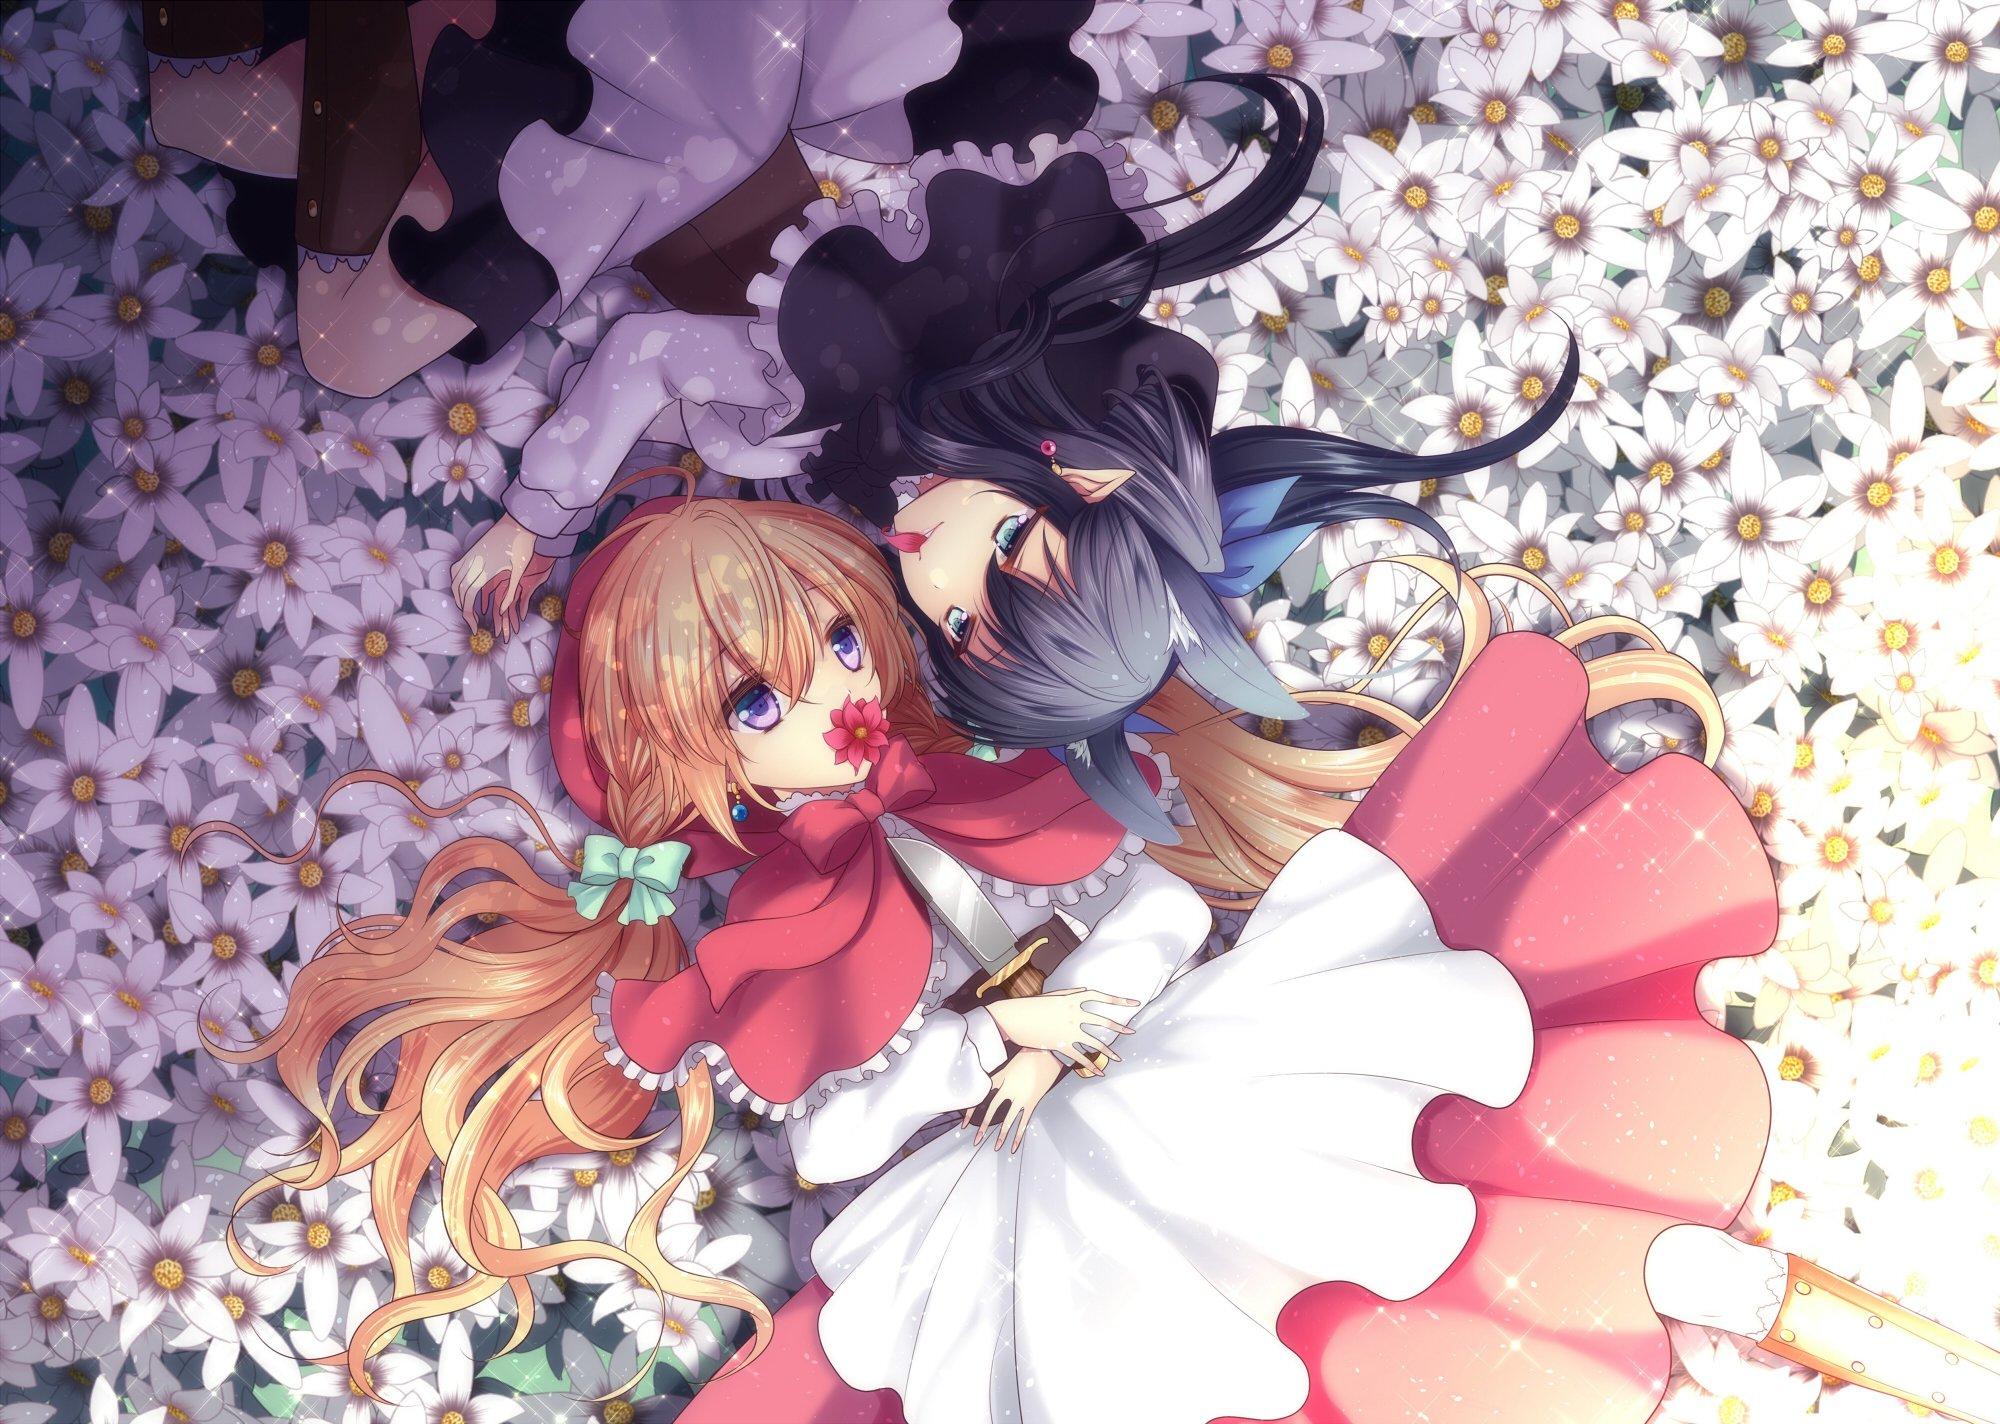 Anime Girls Cute Flower Garden Dress Long Hair Wallpaper 2000x1424 521130 Wallpaperup